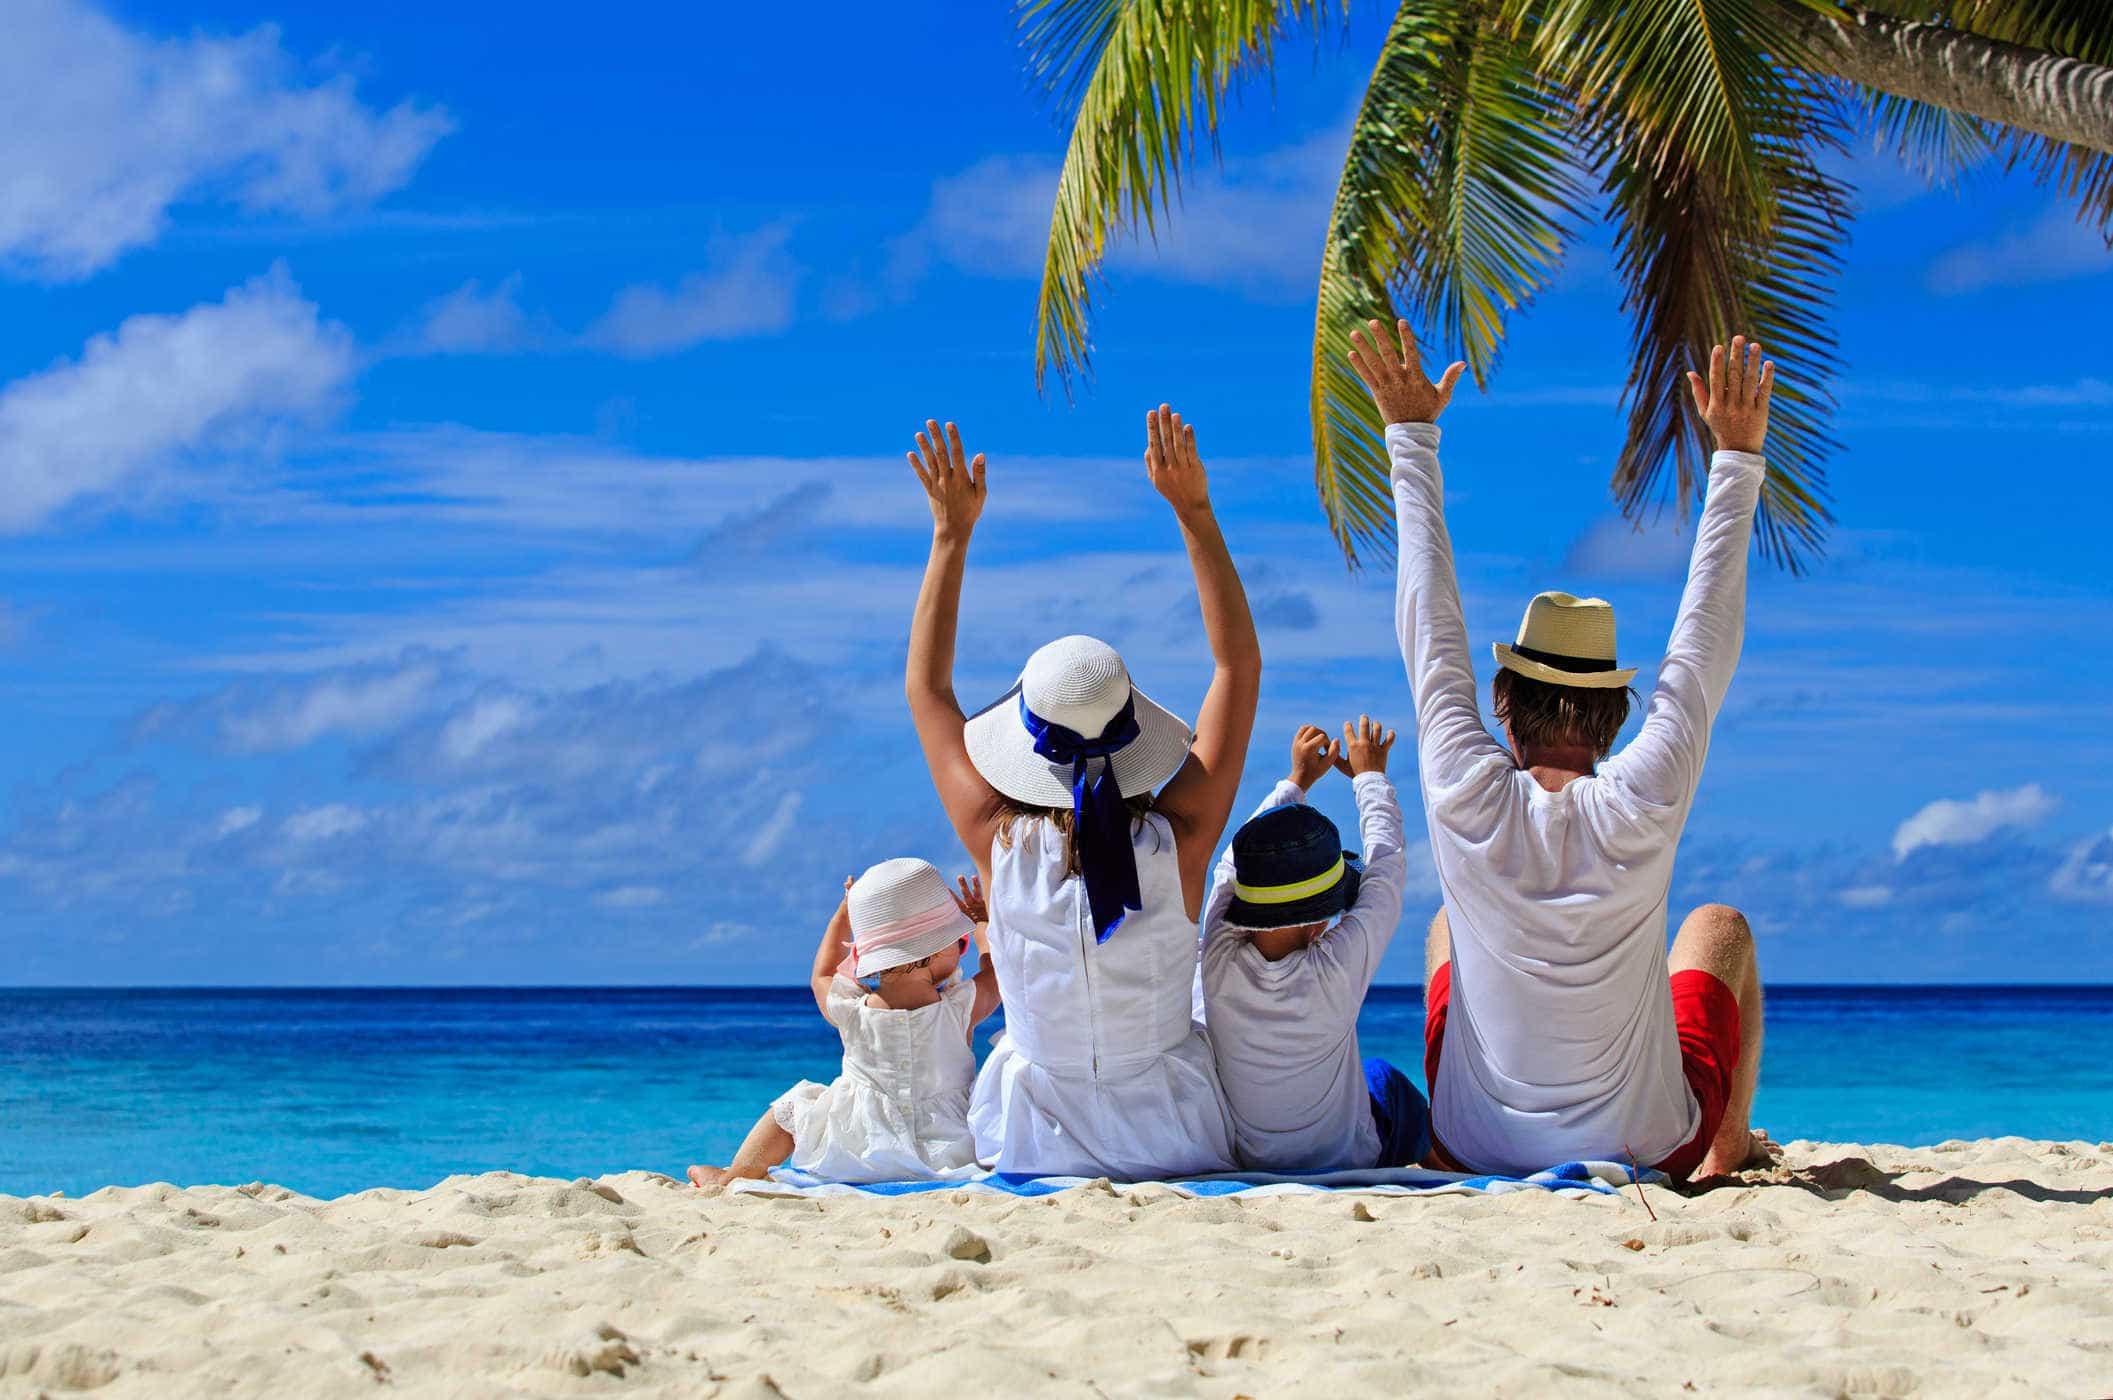 Bỏ túi những kinh nghiệm hữu ích khi đi du lịch biển